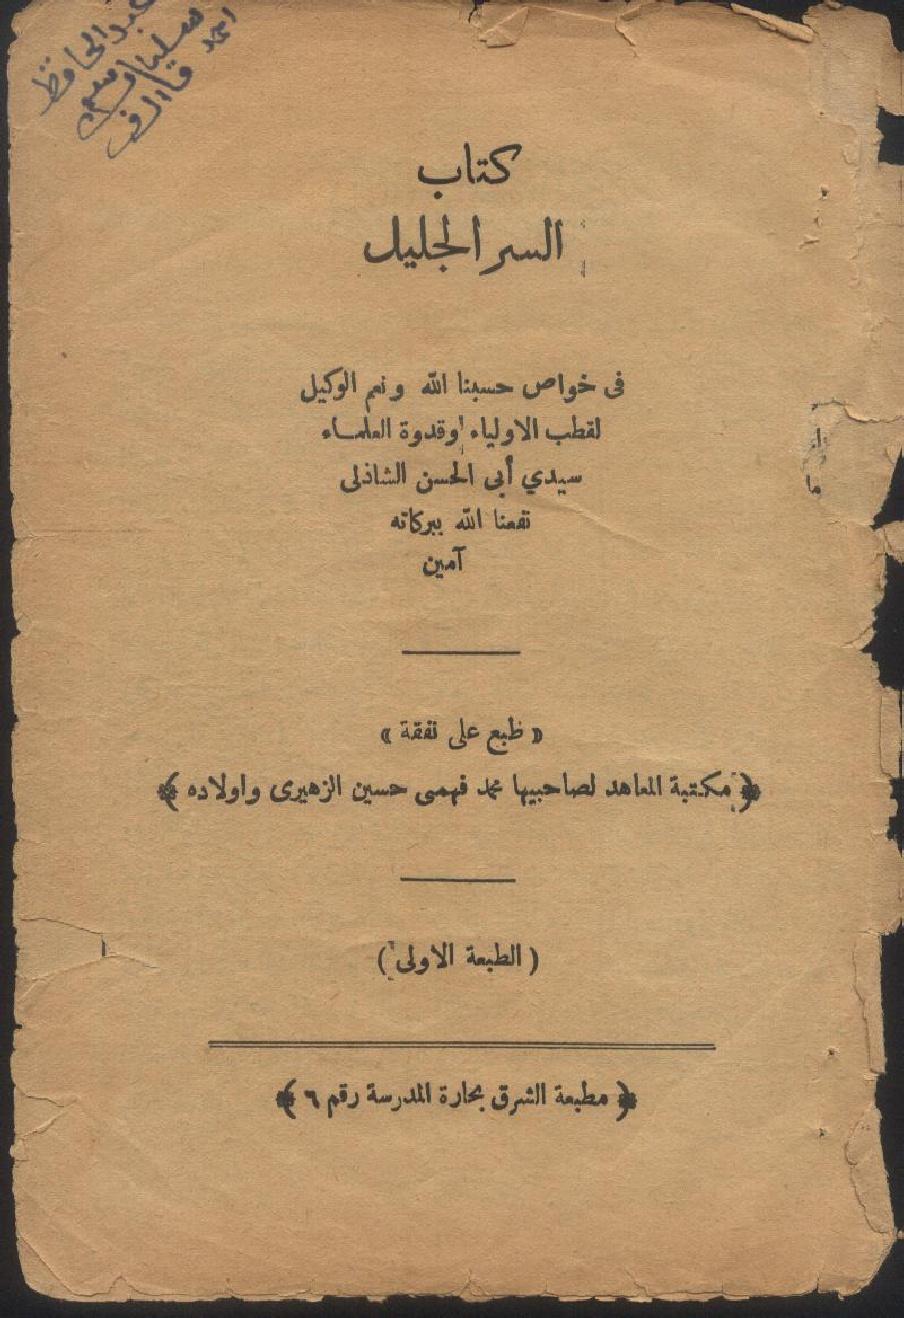 السر الجليل في خواص حسبنا الله ونعم الوكيل pdf